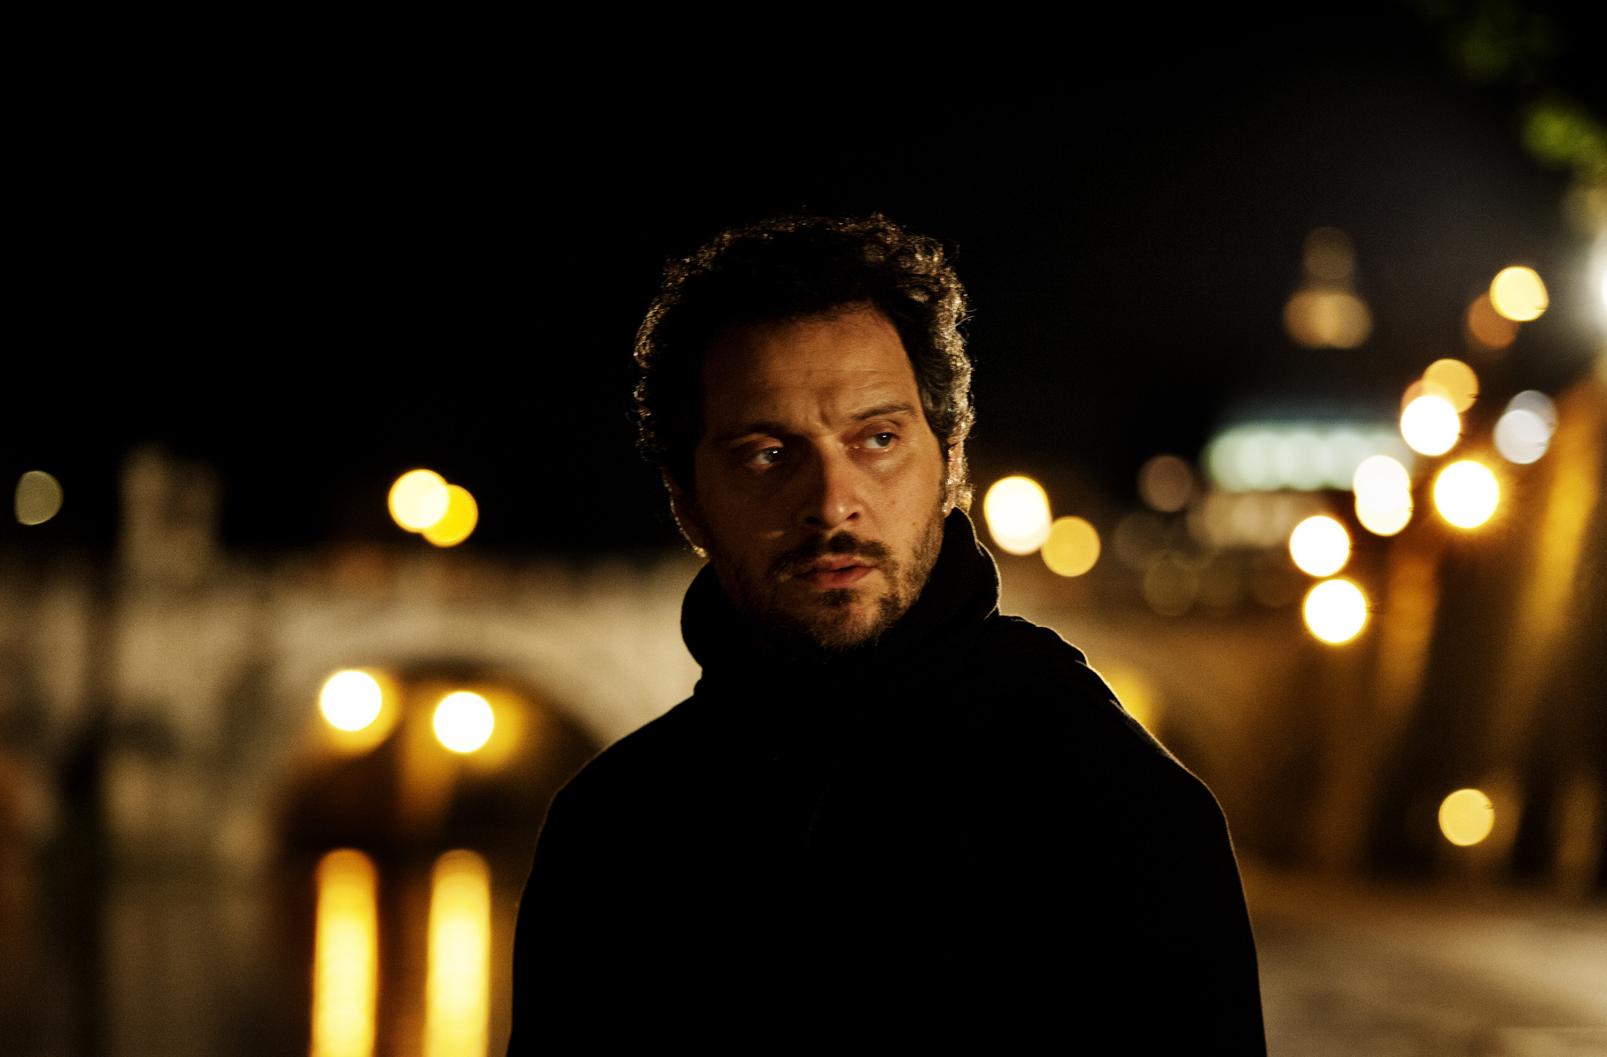 """La seconda giornata della Festa del Cinema di Roma si apre con il clamoroso e inaspettato""""Lo chiamavano Jeeg Robot"""" di Gabriele Mainetti. Dopo una rocambolesca fuga per le strade di […]"""